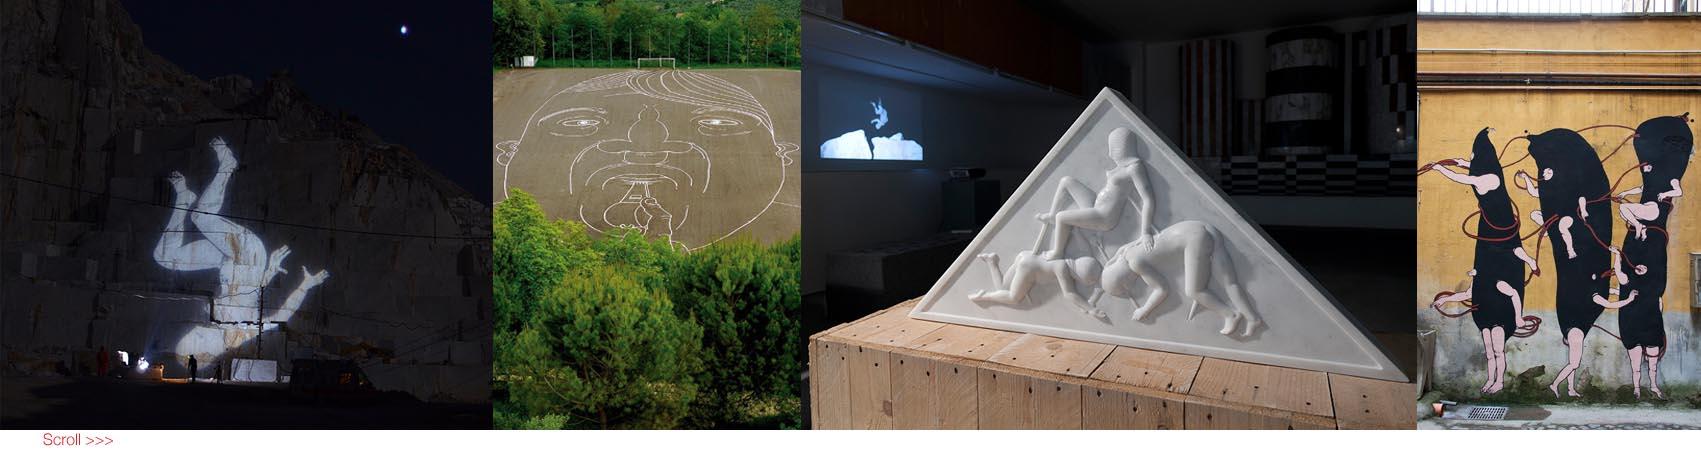 Santiago-Morillo-Database-2013-exhibition-Carrara.